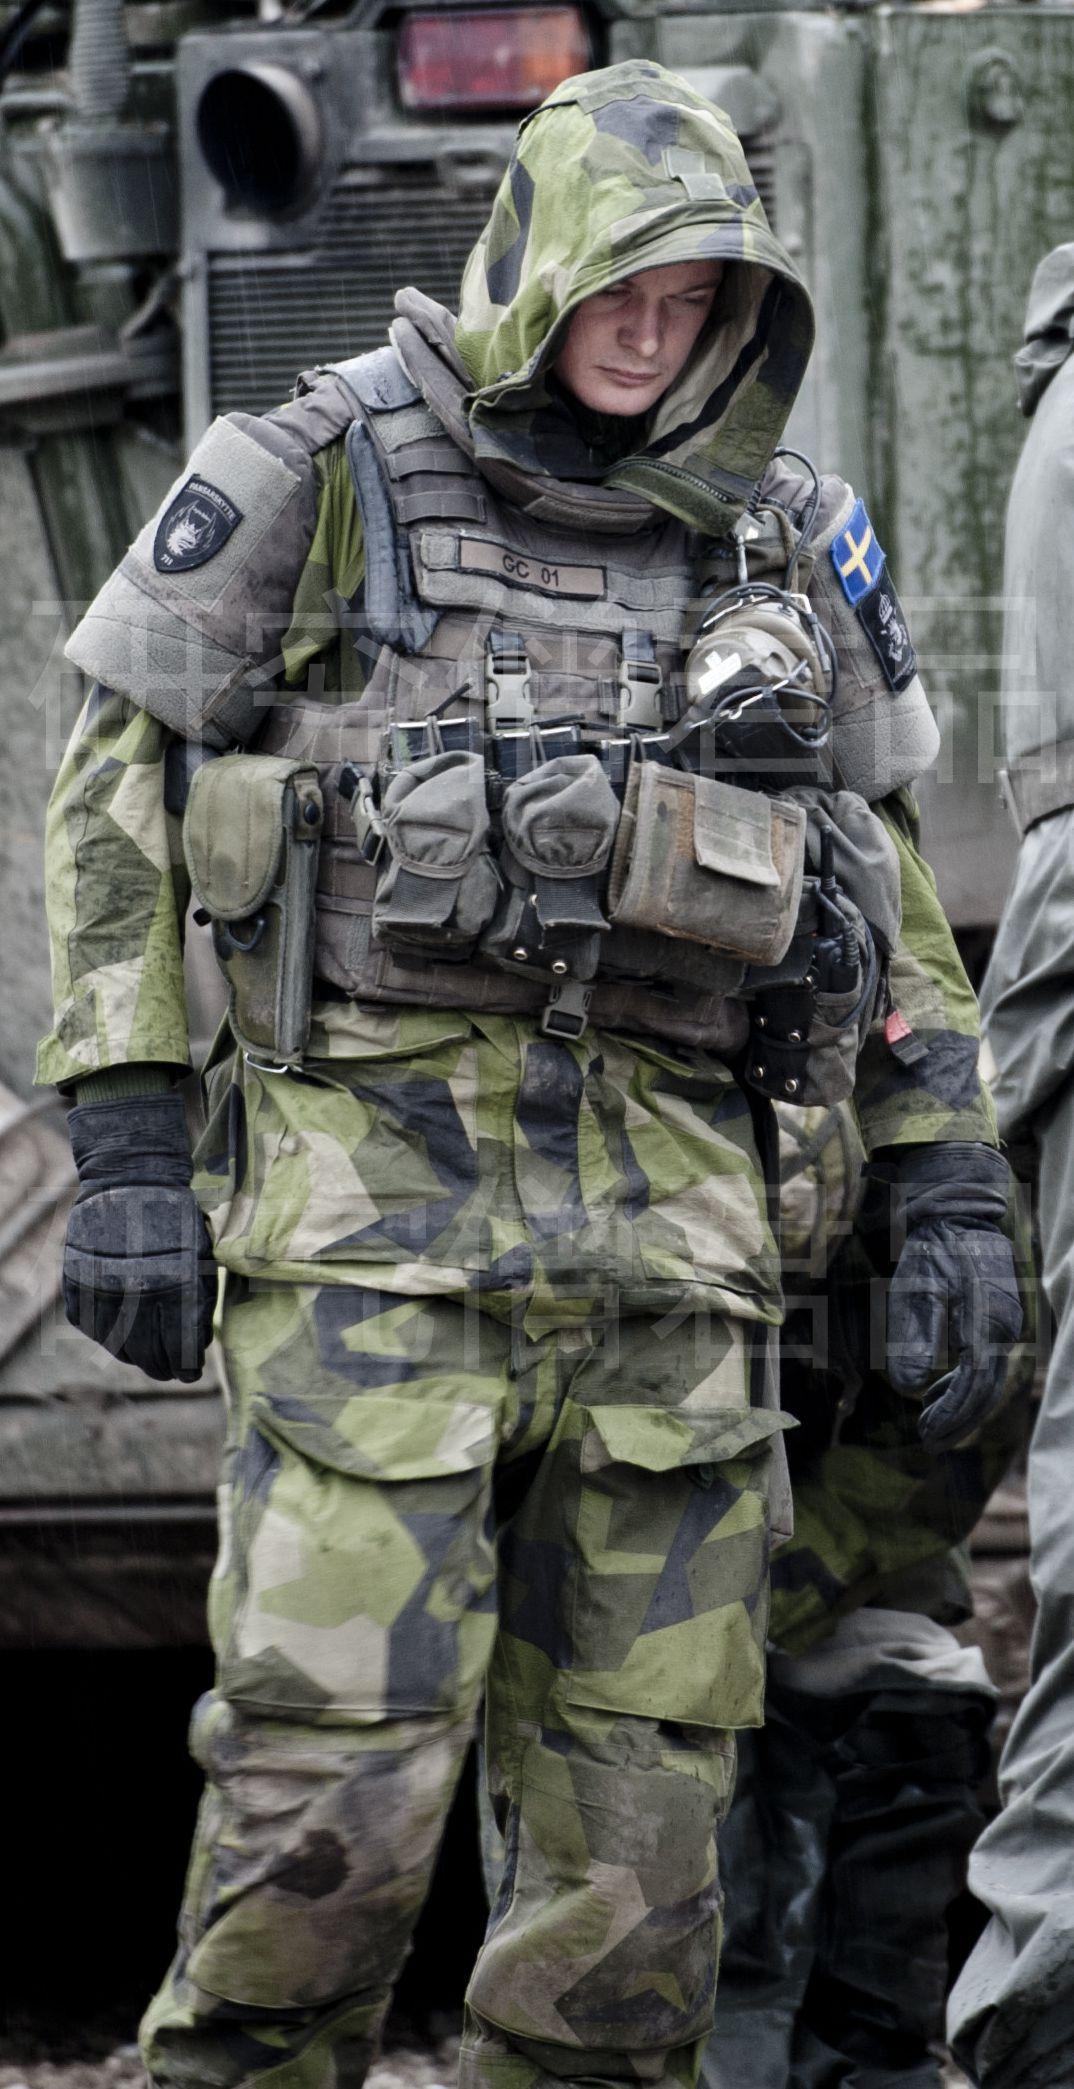 Швейцарский код M90 геометрия камуфляж GTX куртка мораль армия PRAKA английский армия SMOCK сша ECWCS M65 ветровка